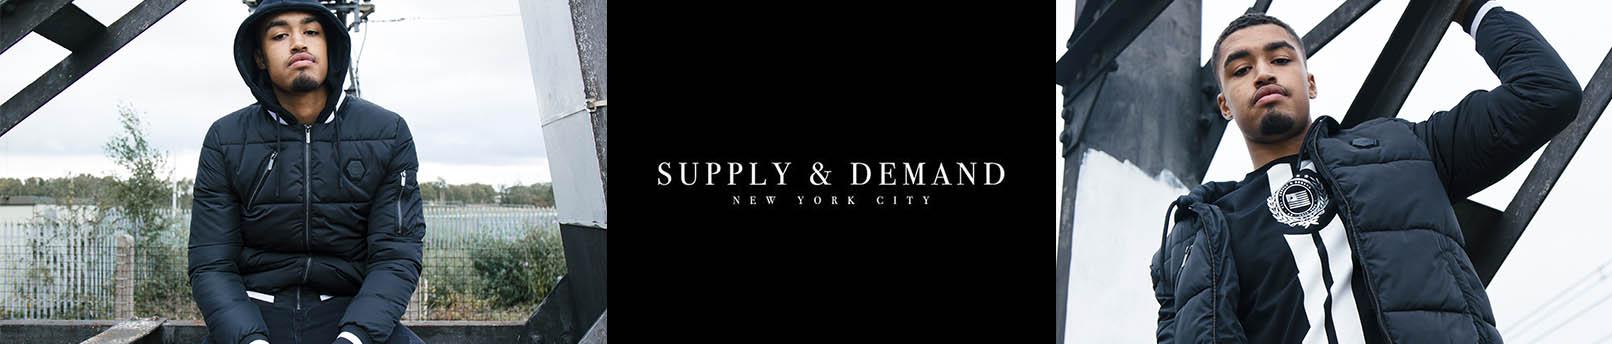 Shop Supply & Demand